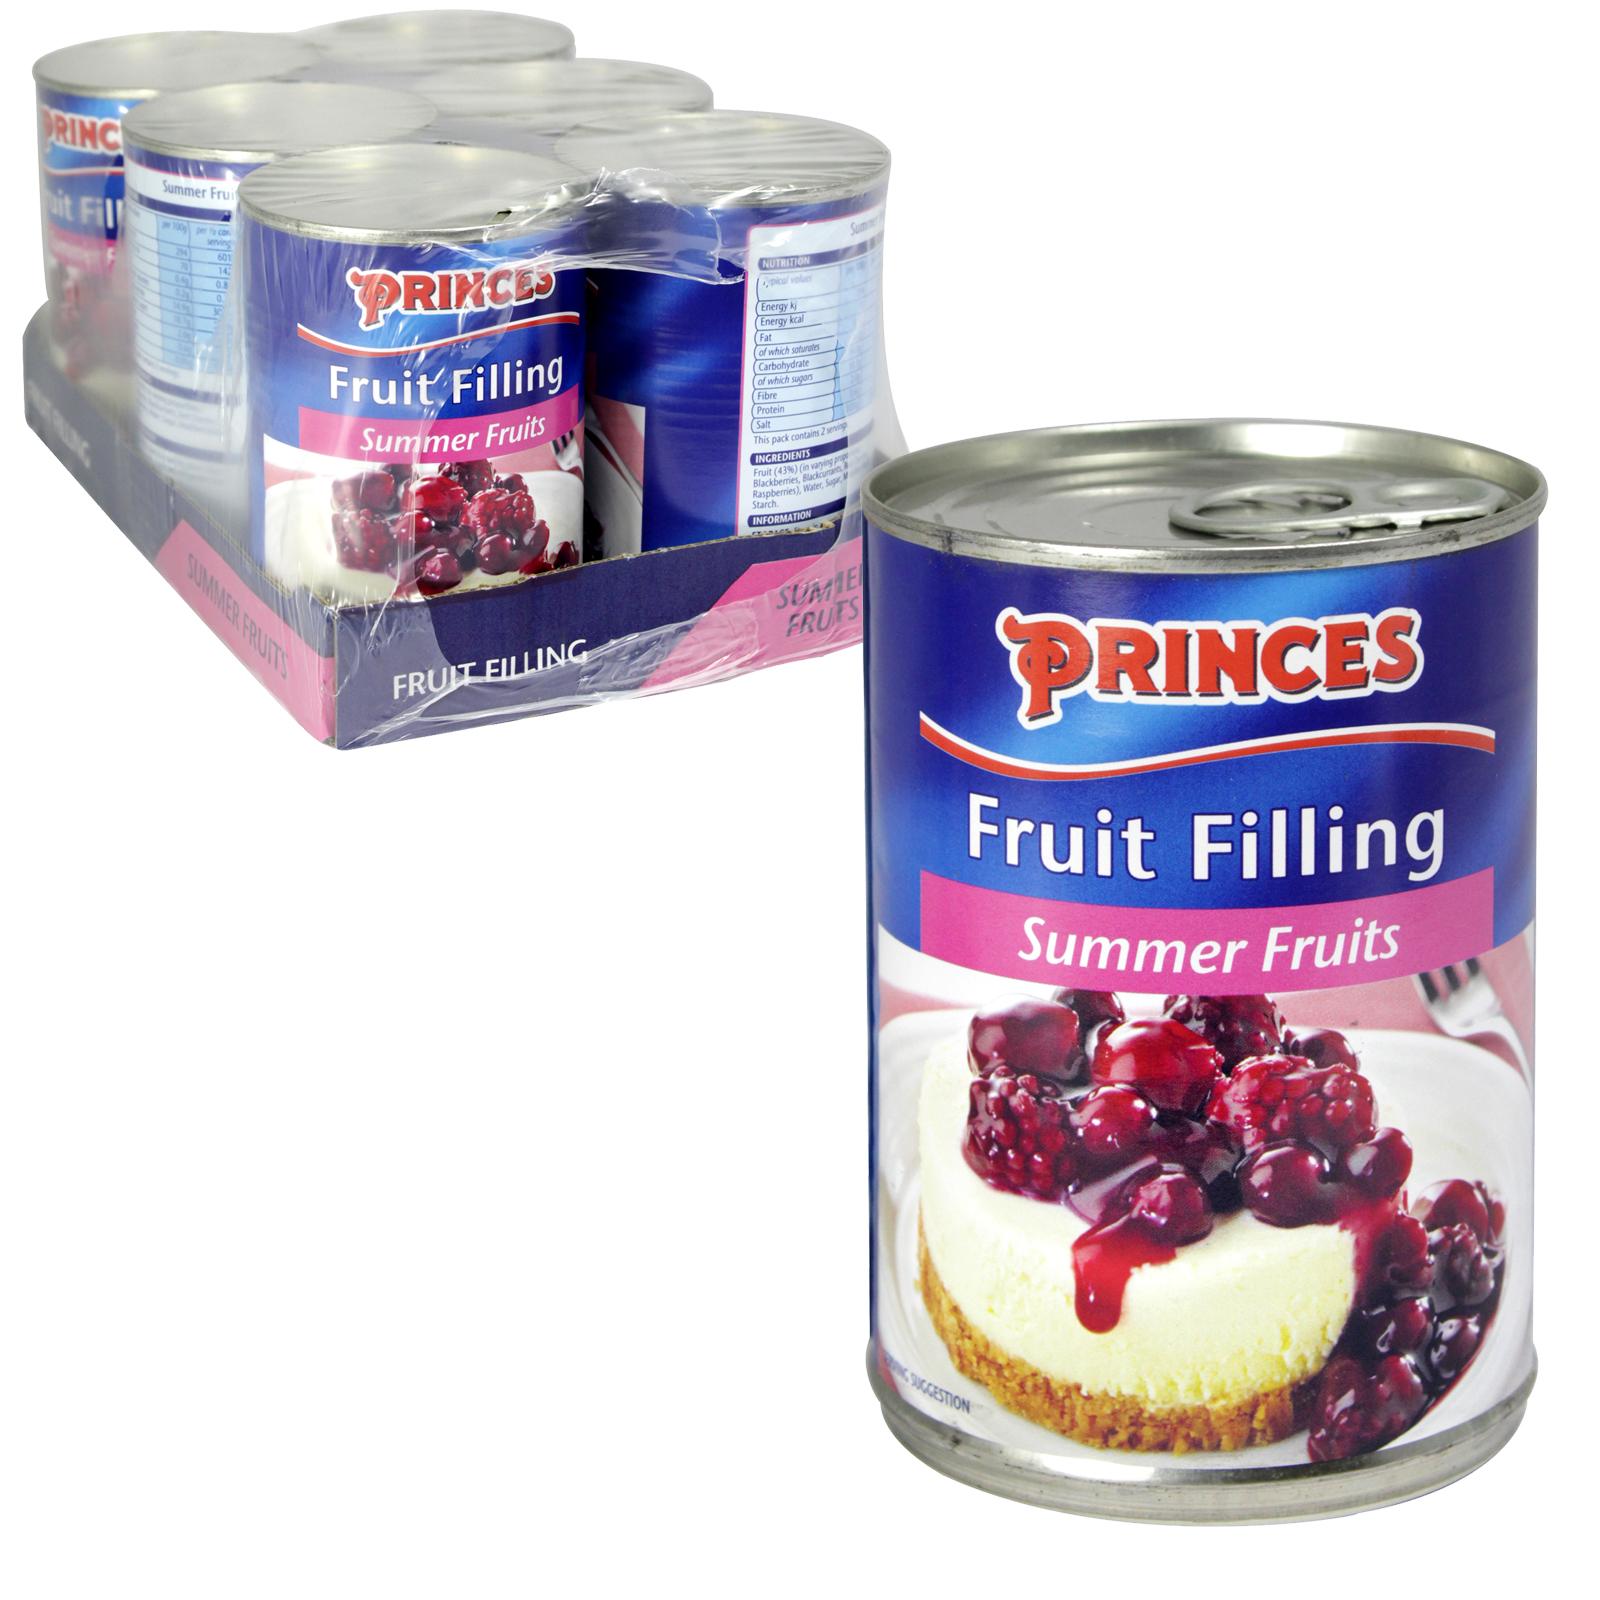 PRINCES FRUIT FILLING SUMMER FRUITS X6